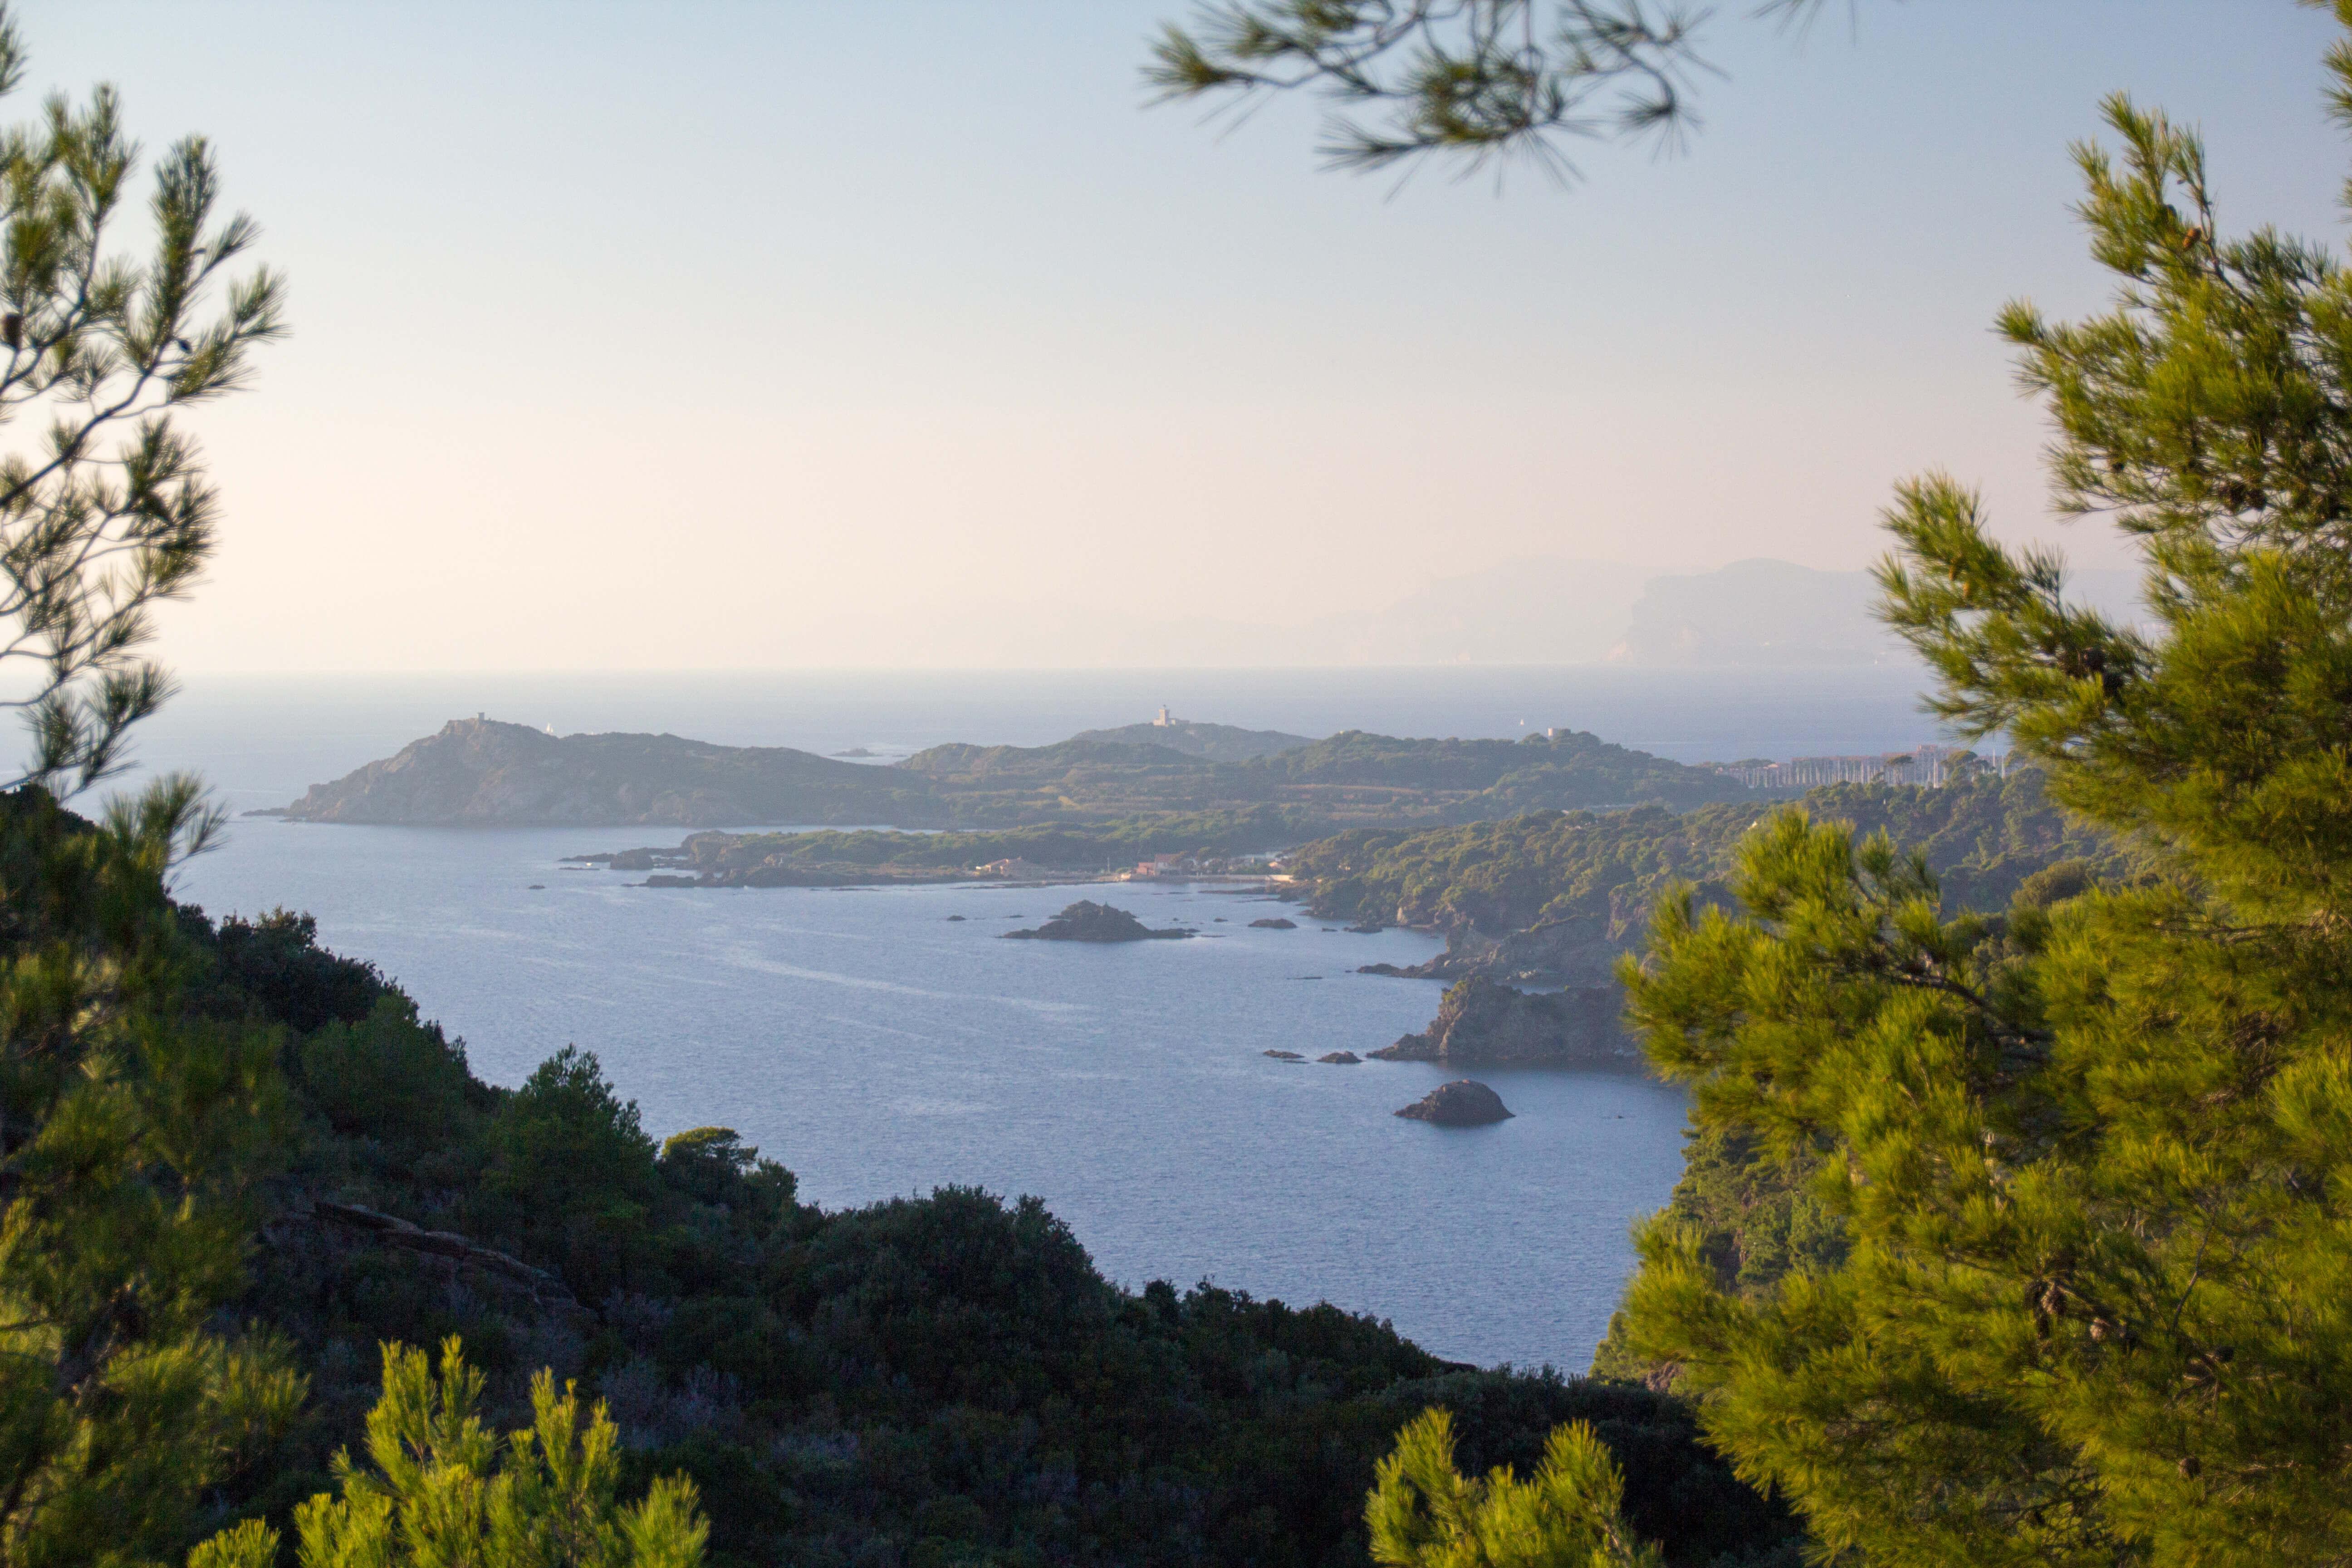 Les côtes vues depuis le sentier